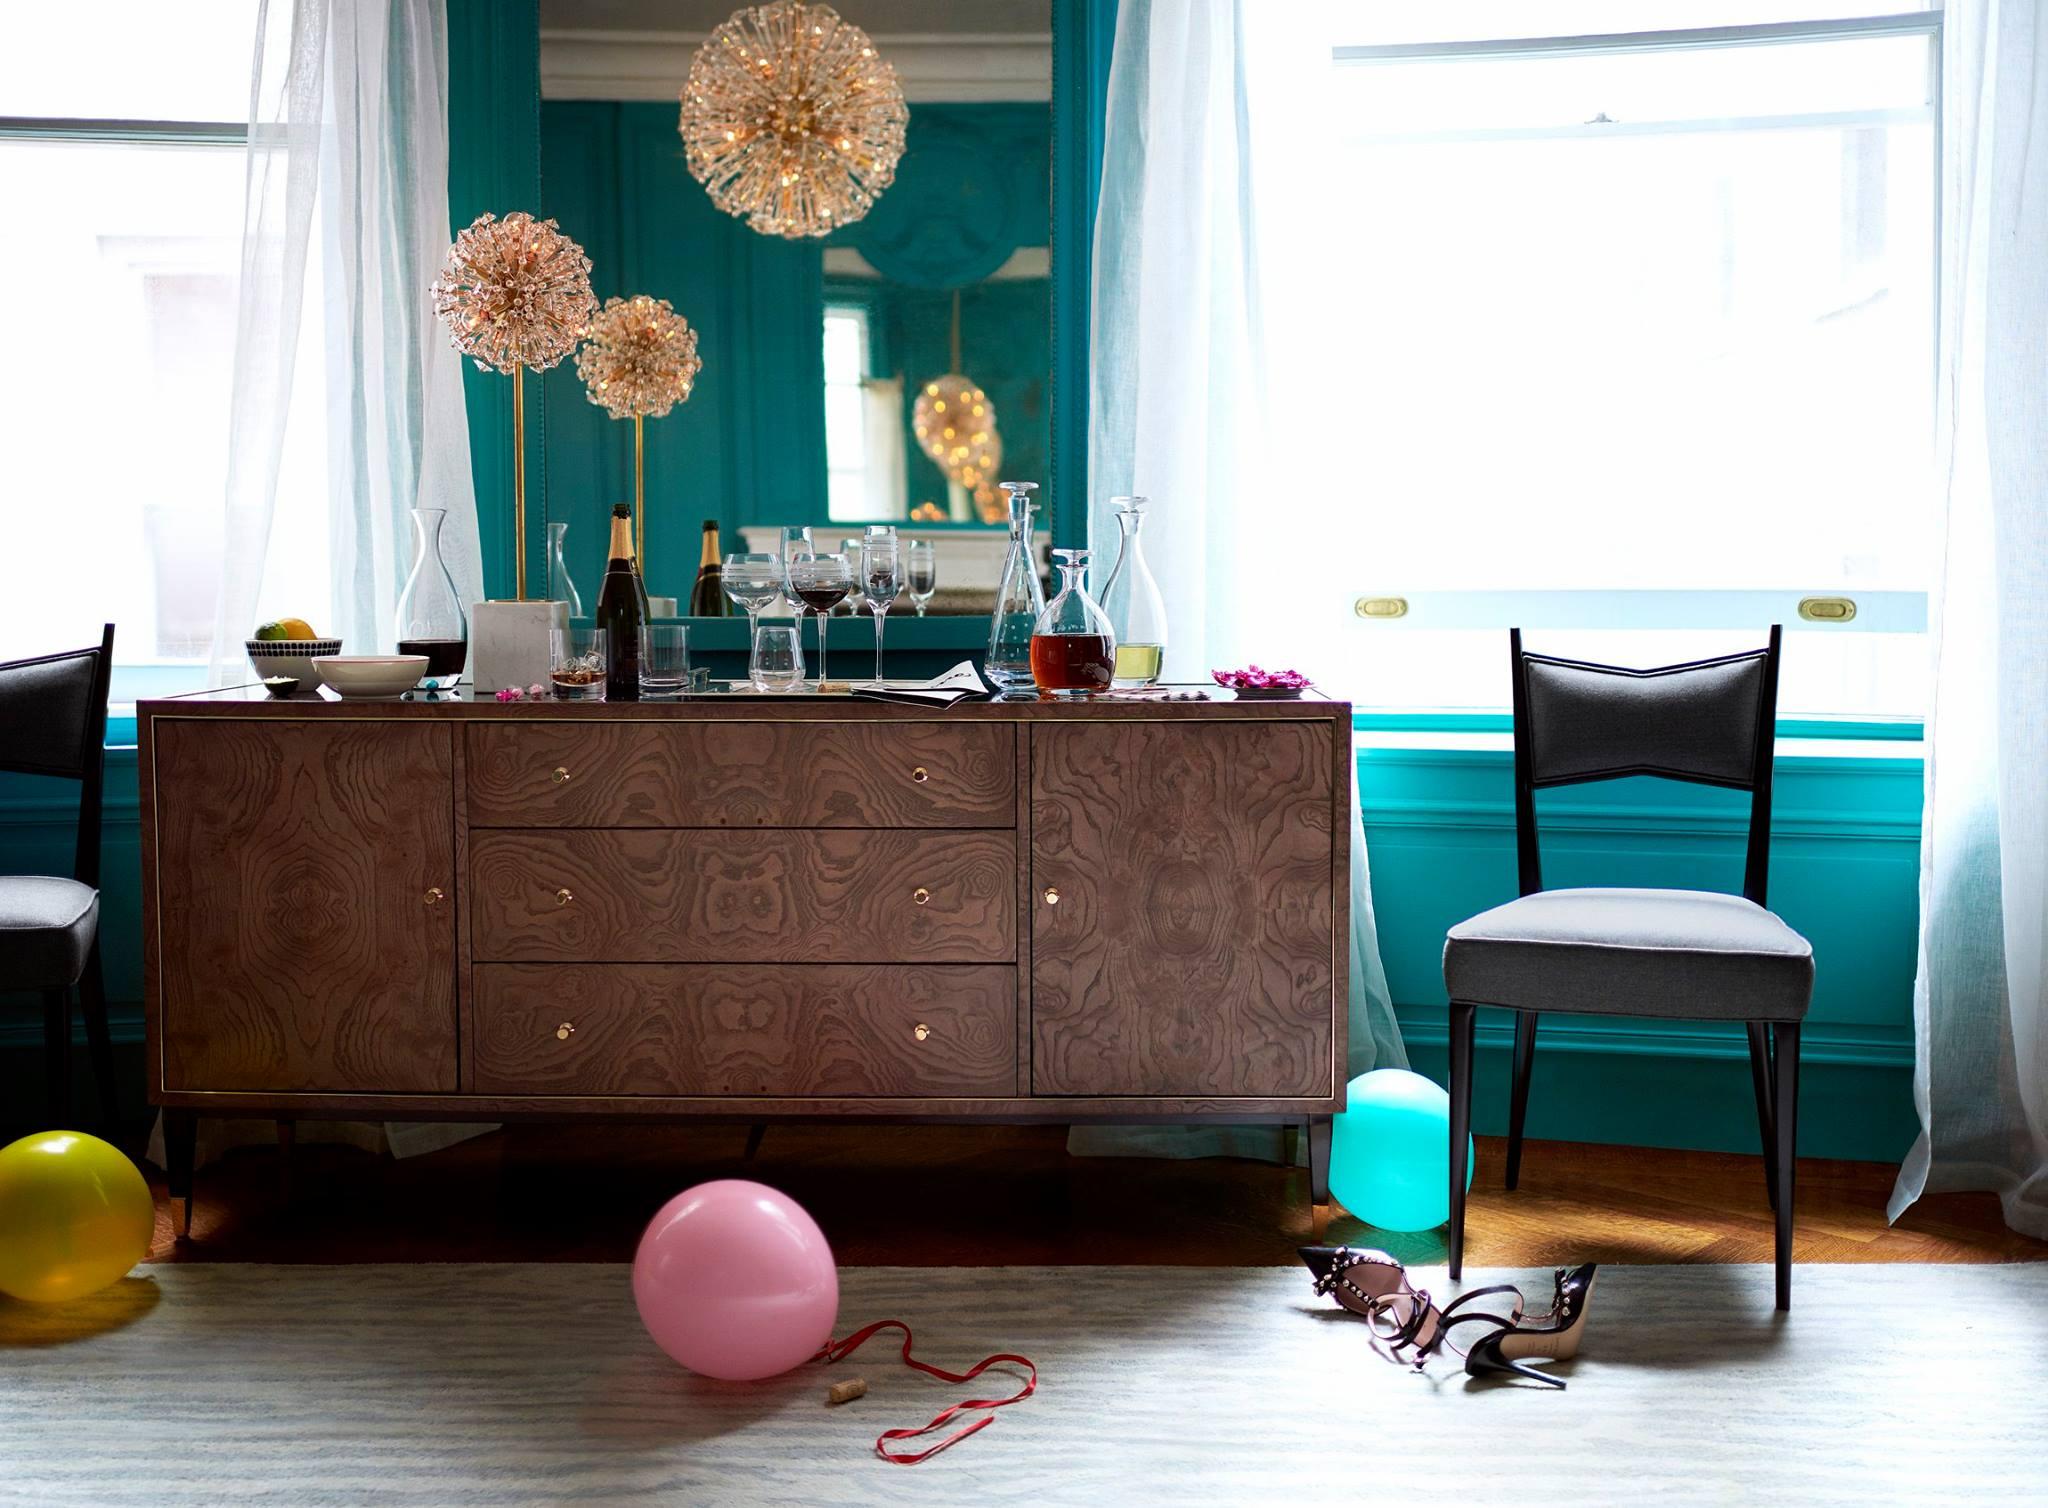 Kate Spade Home Decor Veronica Bradley Interiors